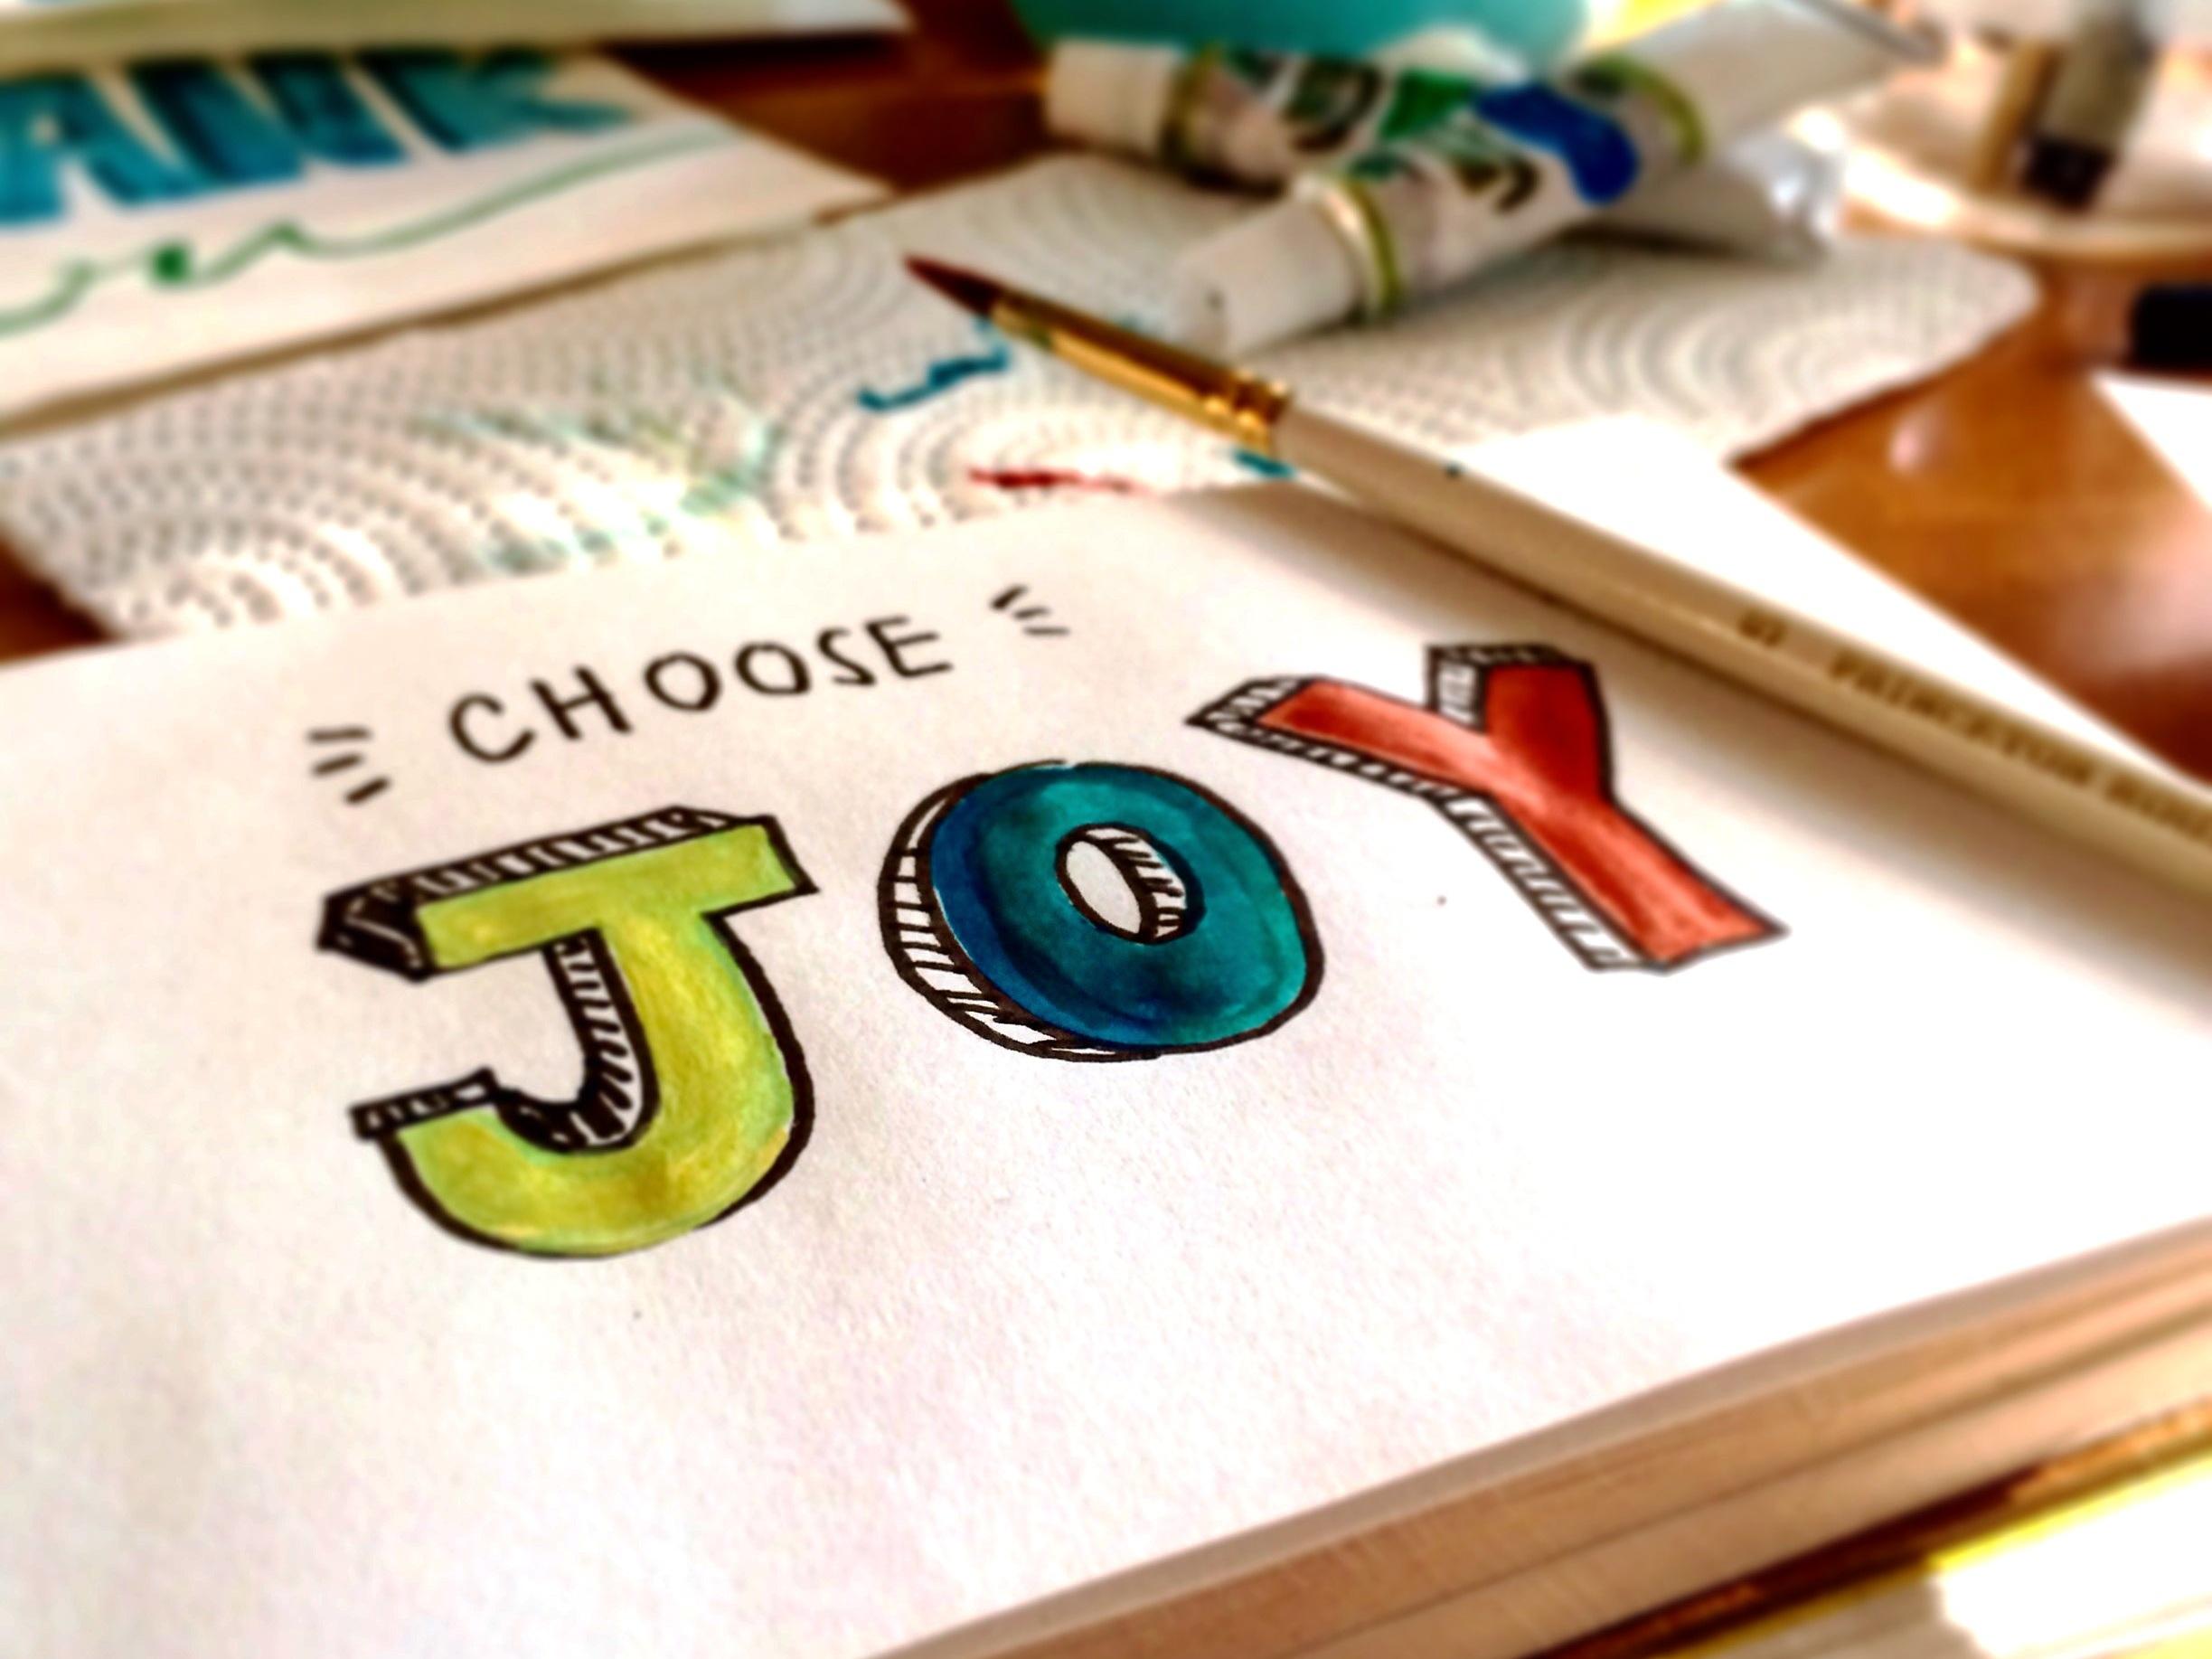 brush-happiness-joy-22221+%281%29.jpg